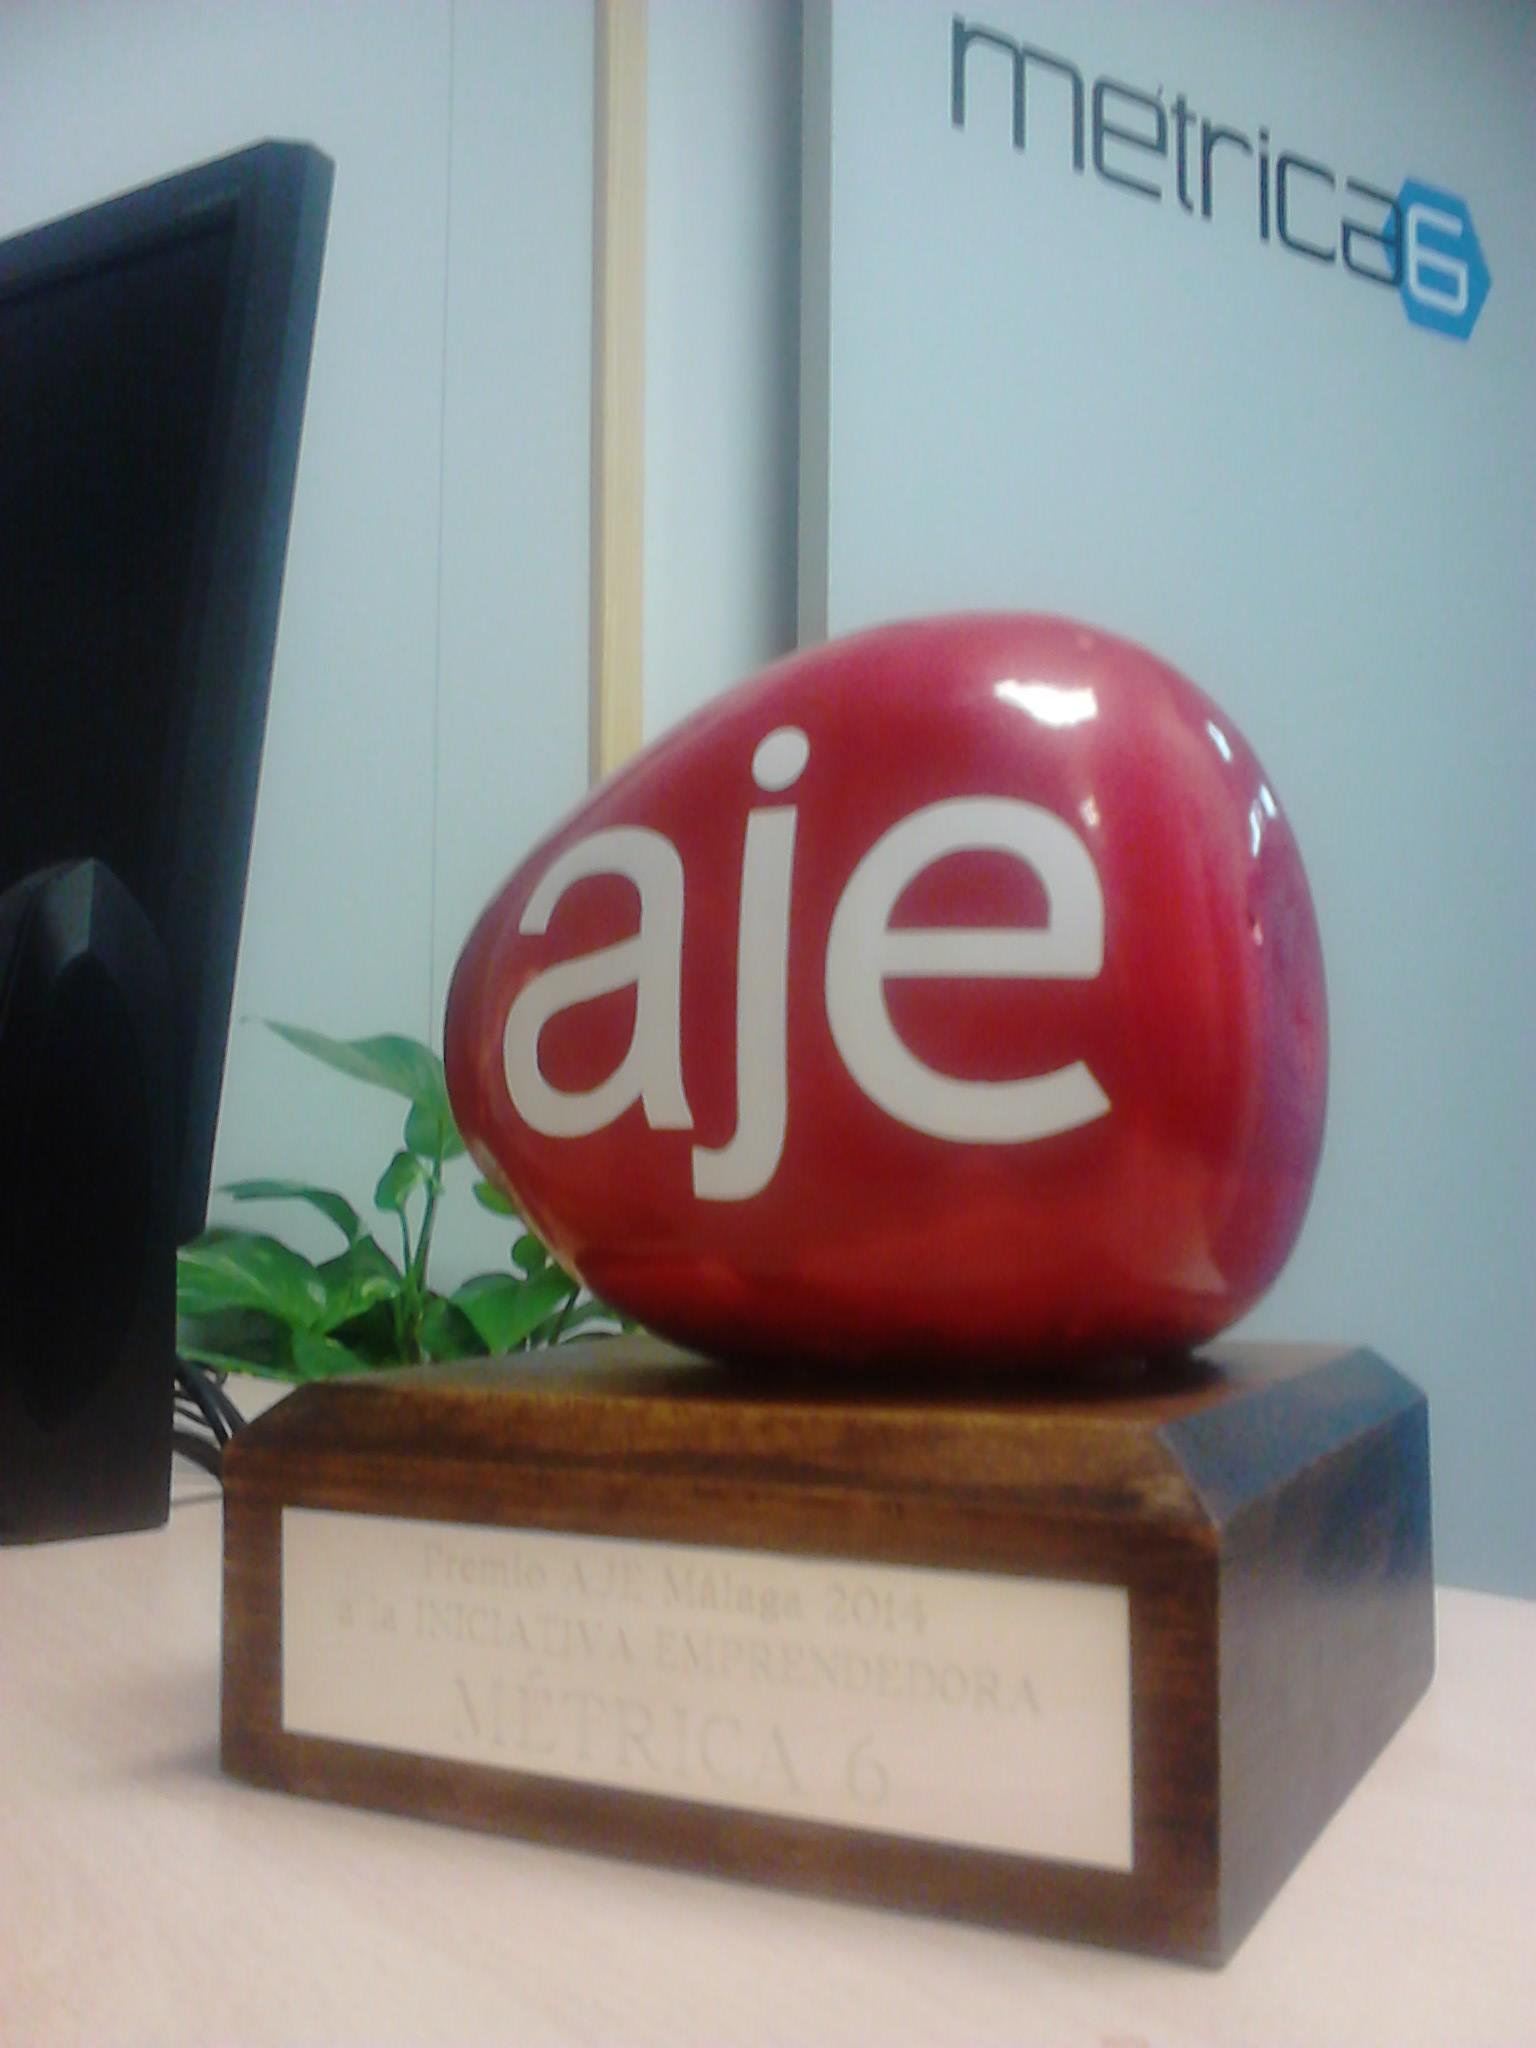 Métrica6 gana Premio AJE 2014. desarrollo de producto, ingeniería, Innovación, I+D+i